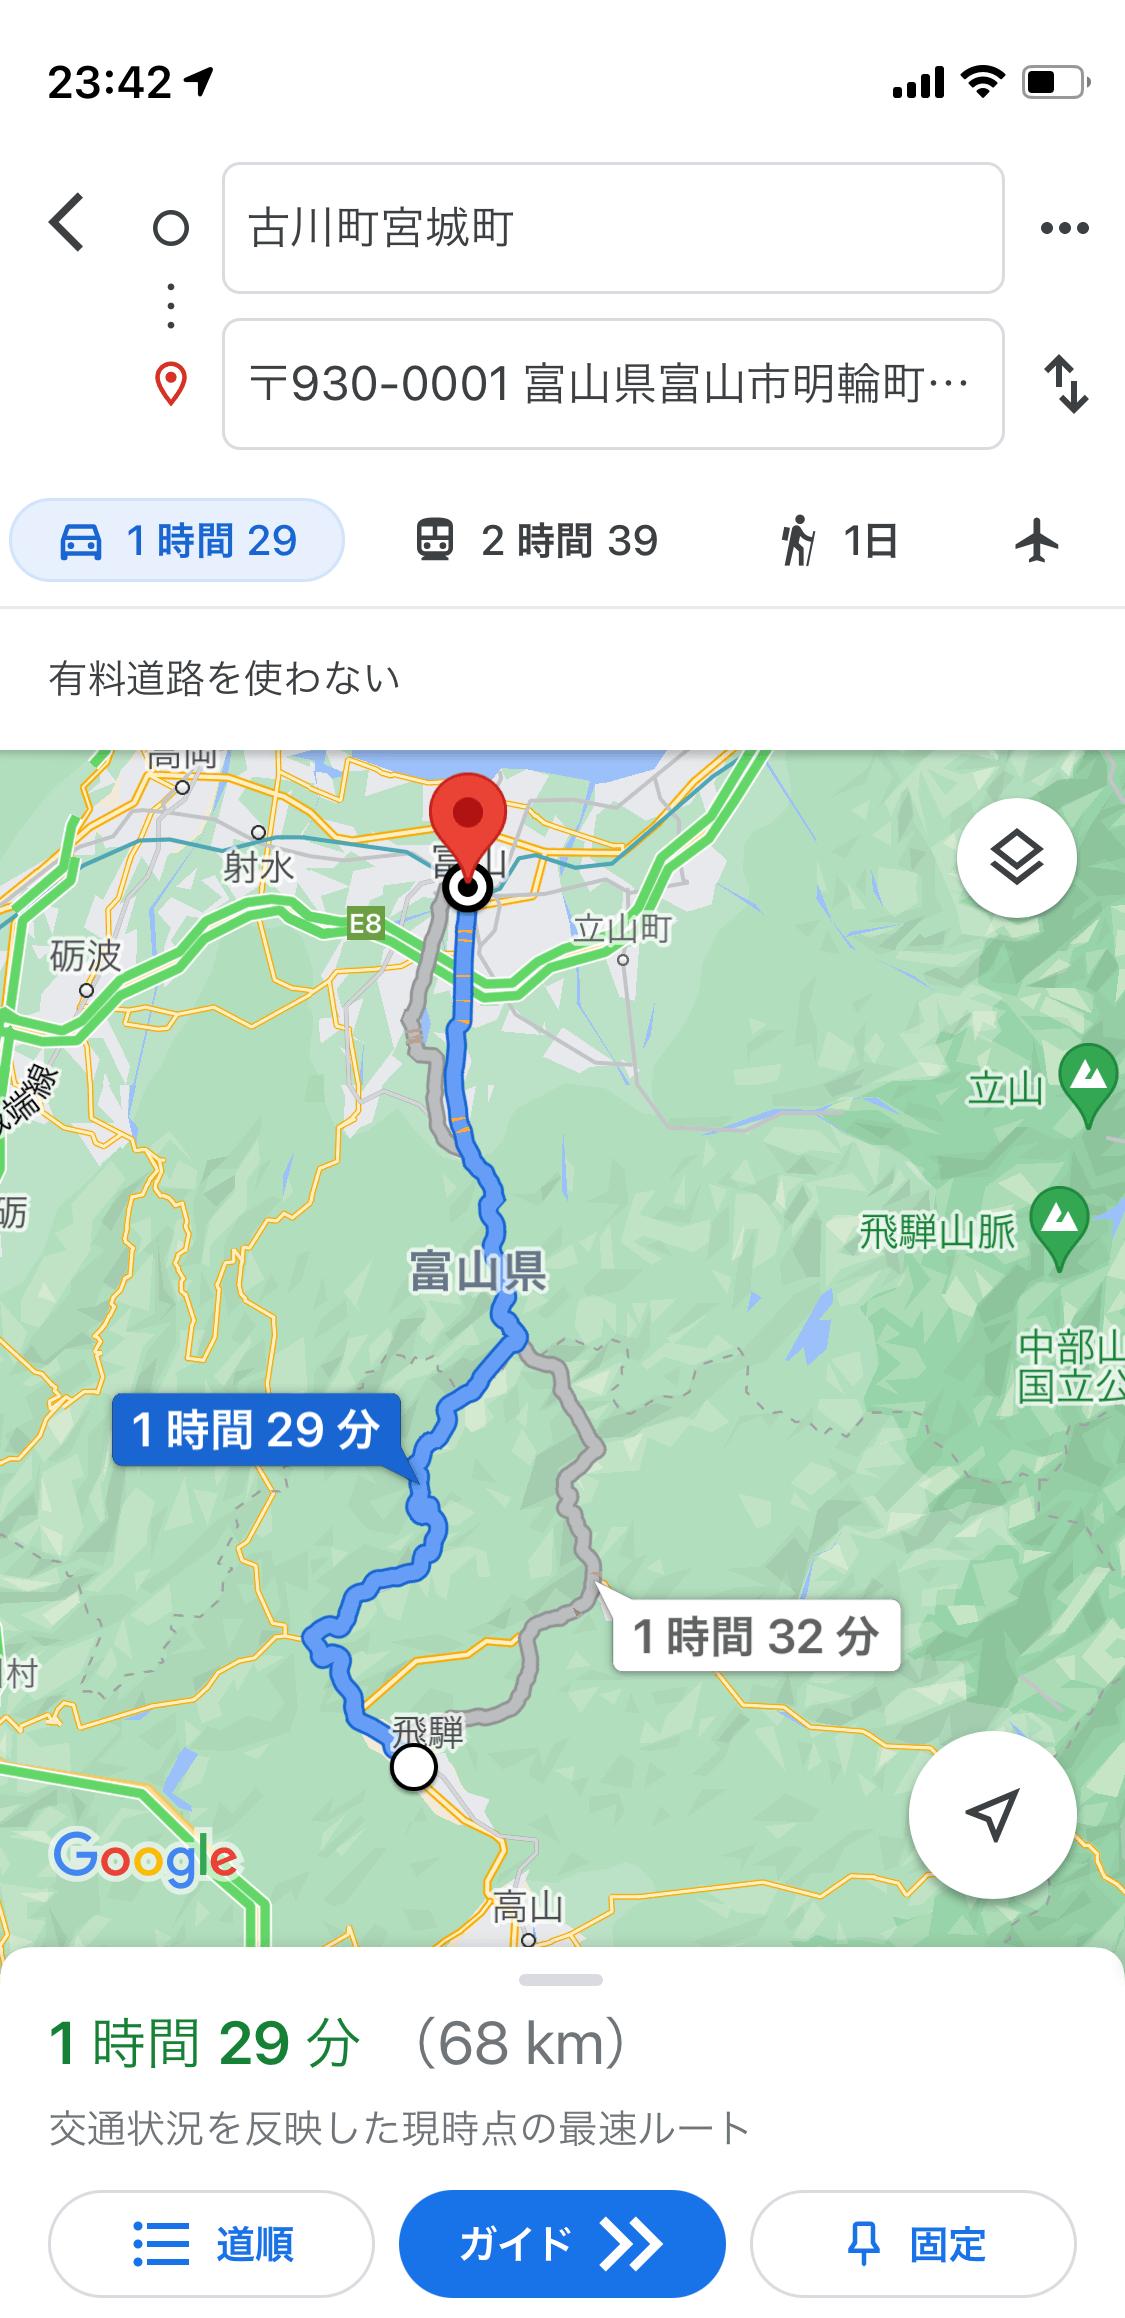 GoogleMaps customroutesearch 01